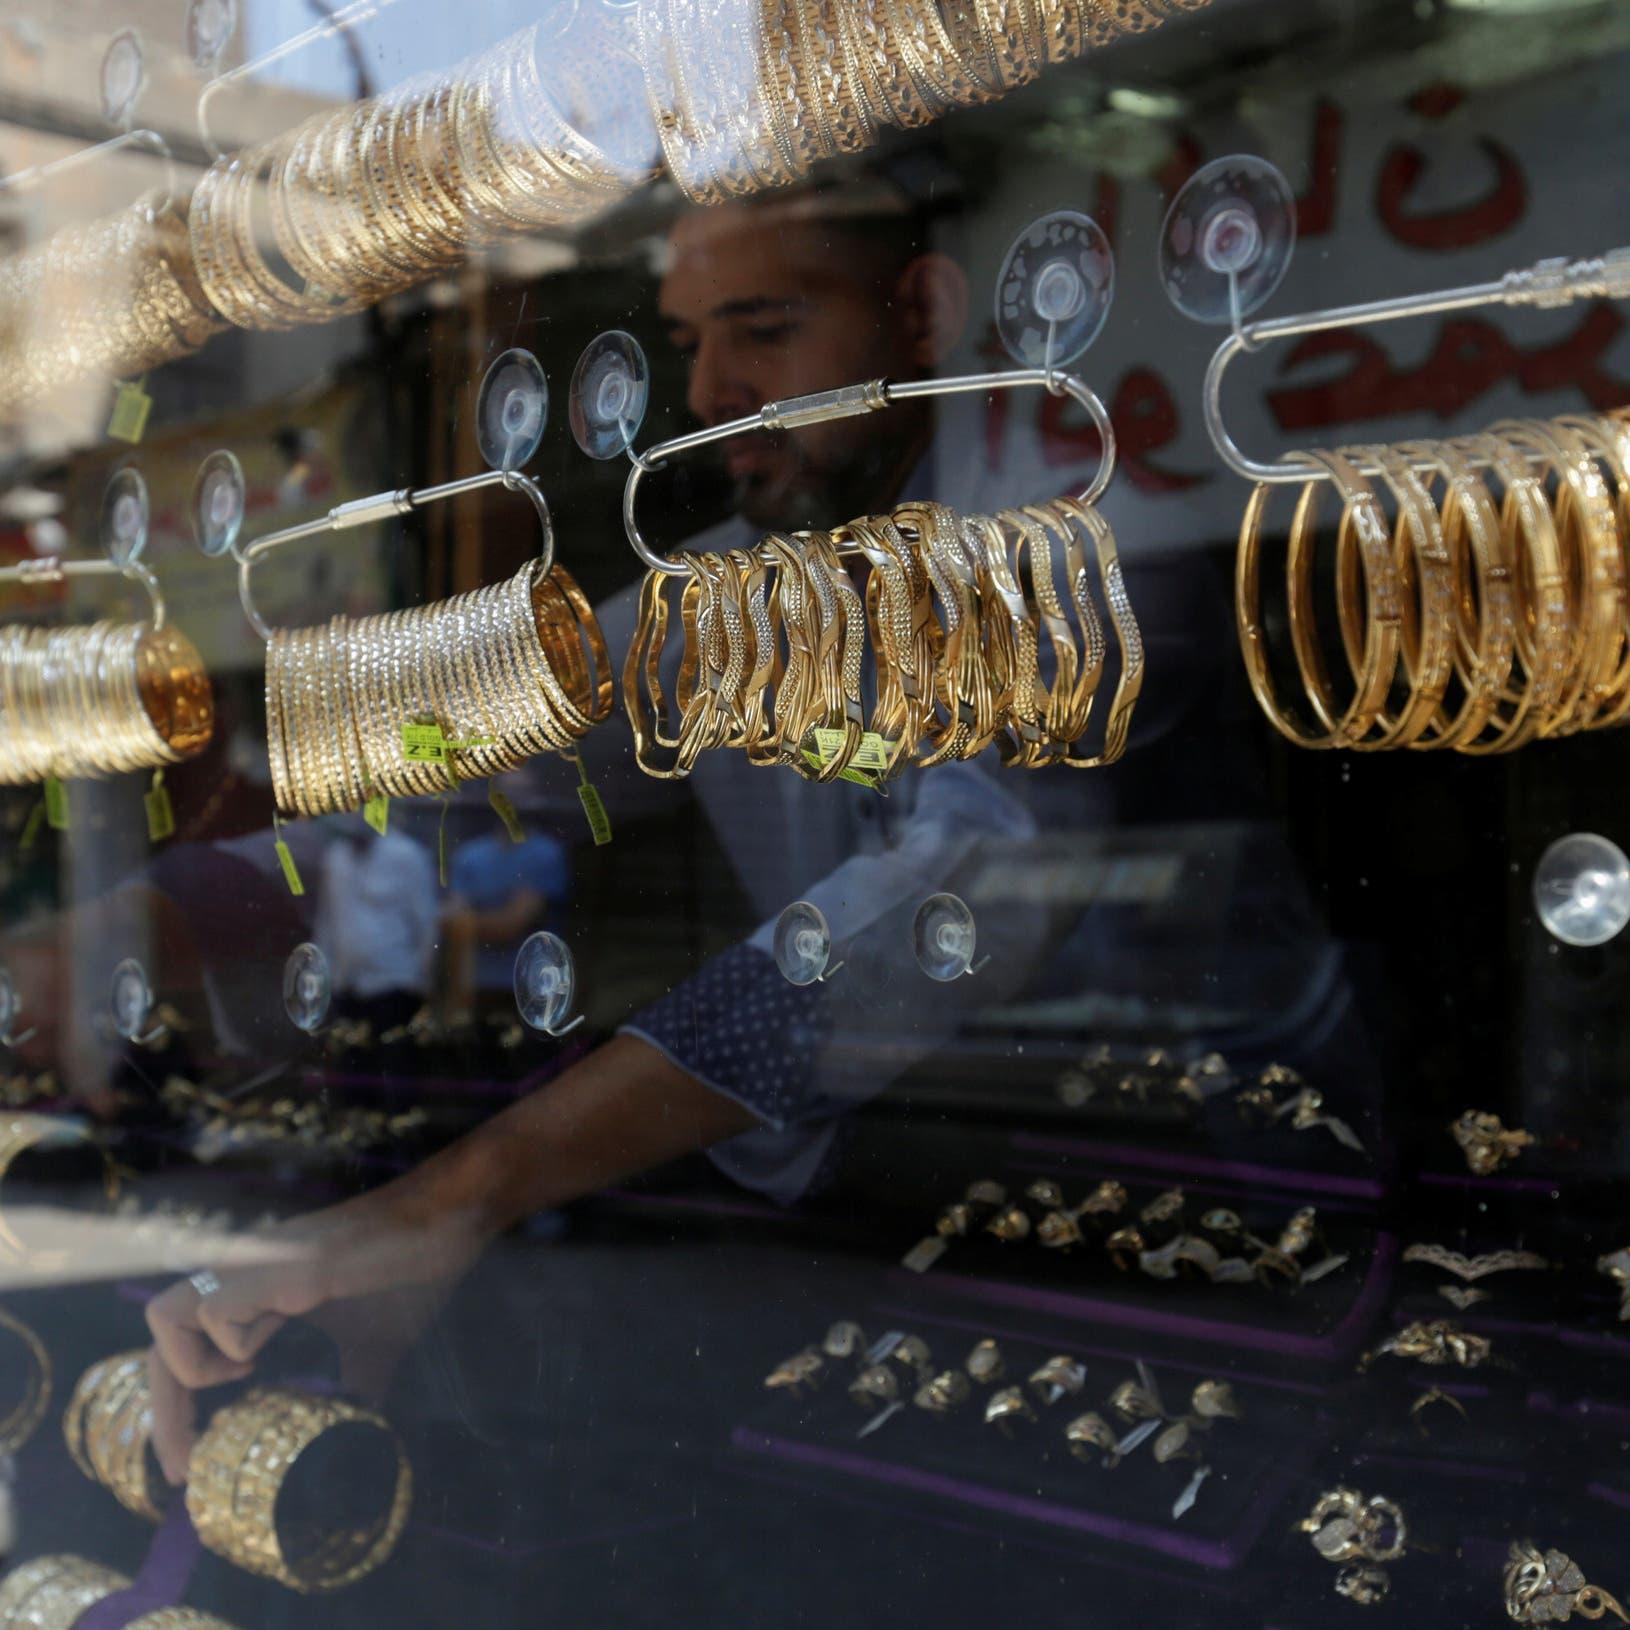 كيف كبحت مكاسب الجنيه صعود أسعار الذهب في مصر؟